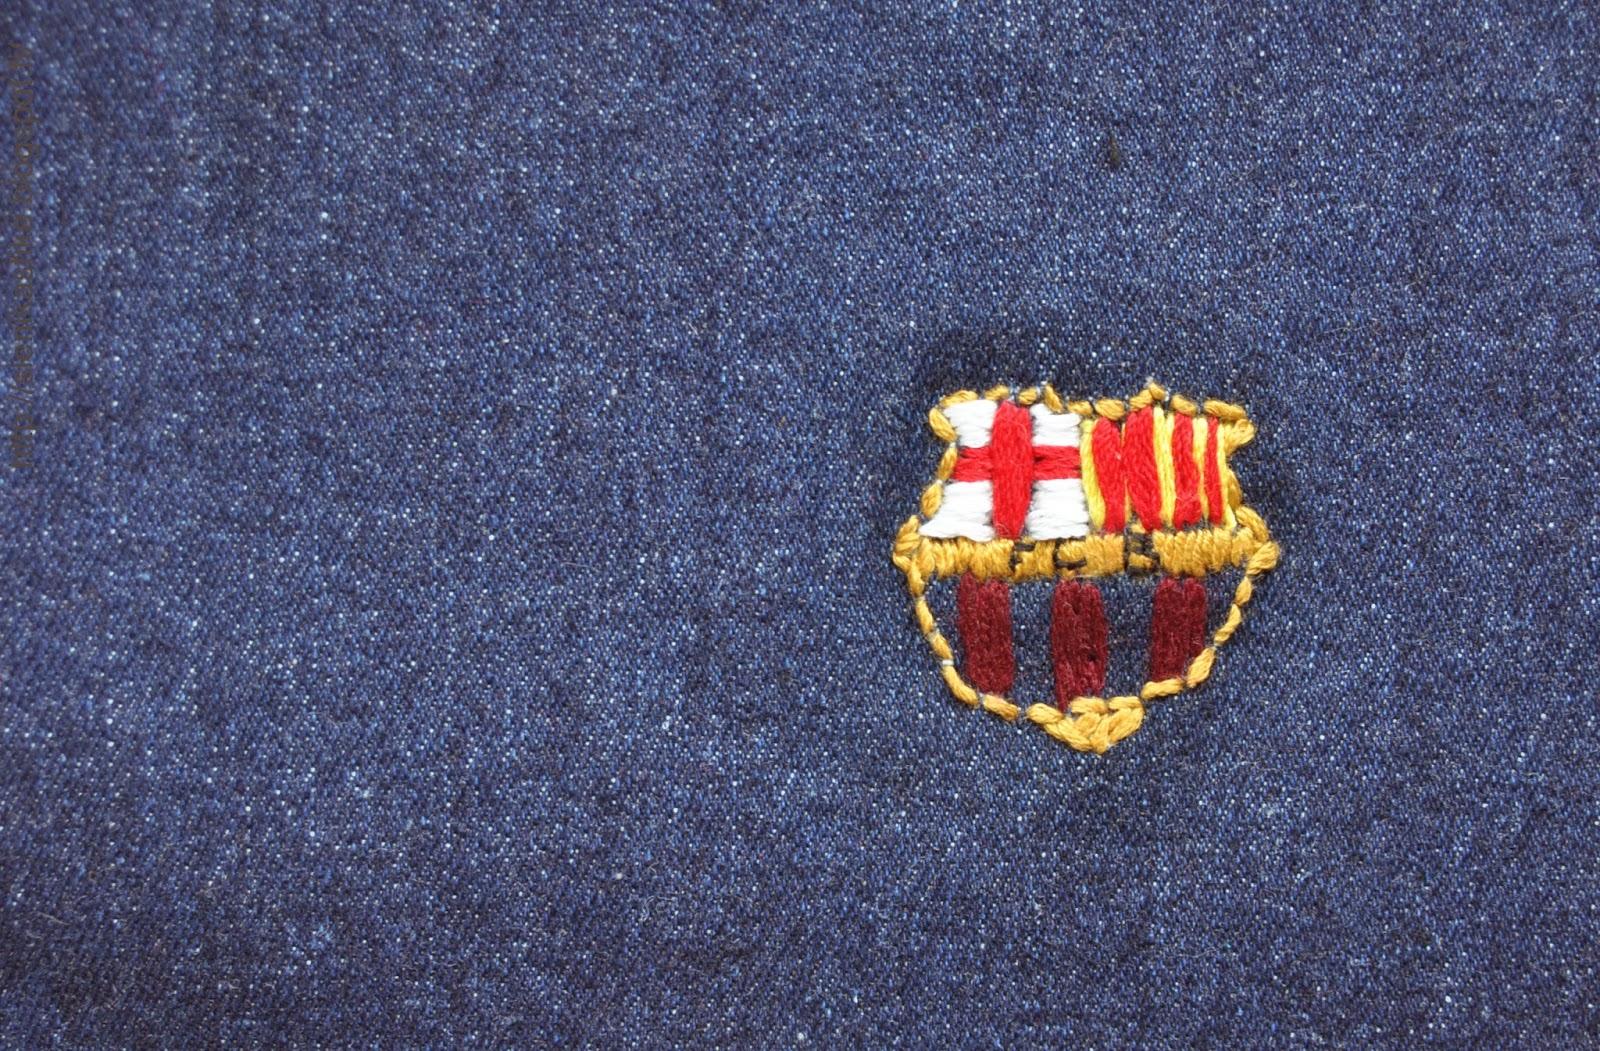 Вышивка эмблемы барселоны